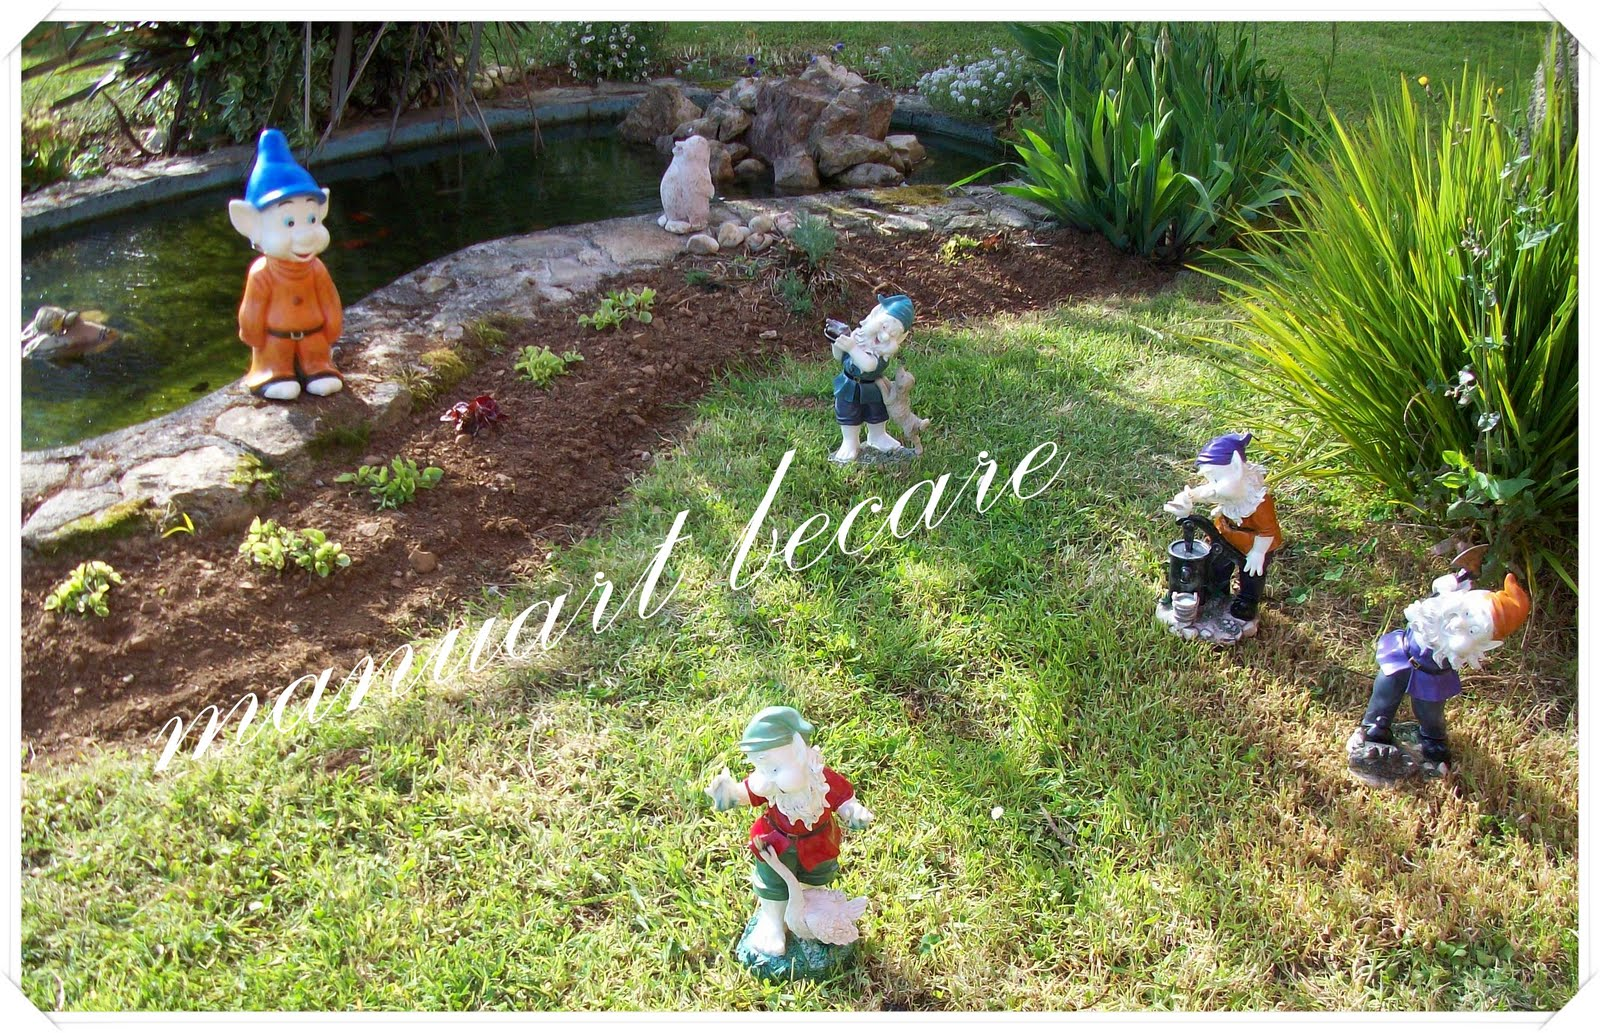 Manuart becare en mi jardin crecen los enanos for Arbustos enanos para jardin